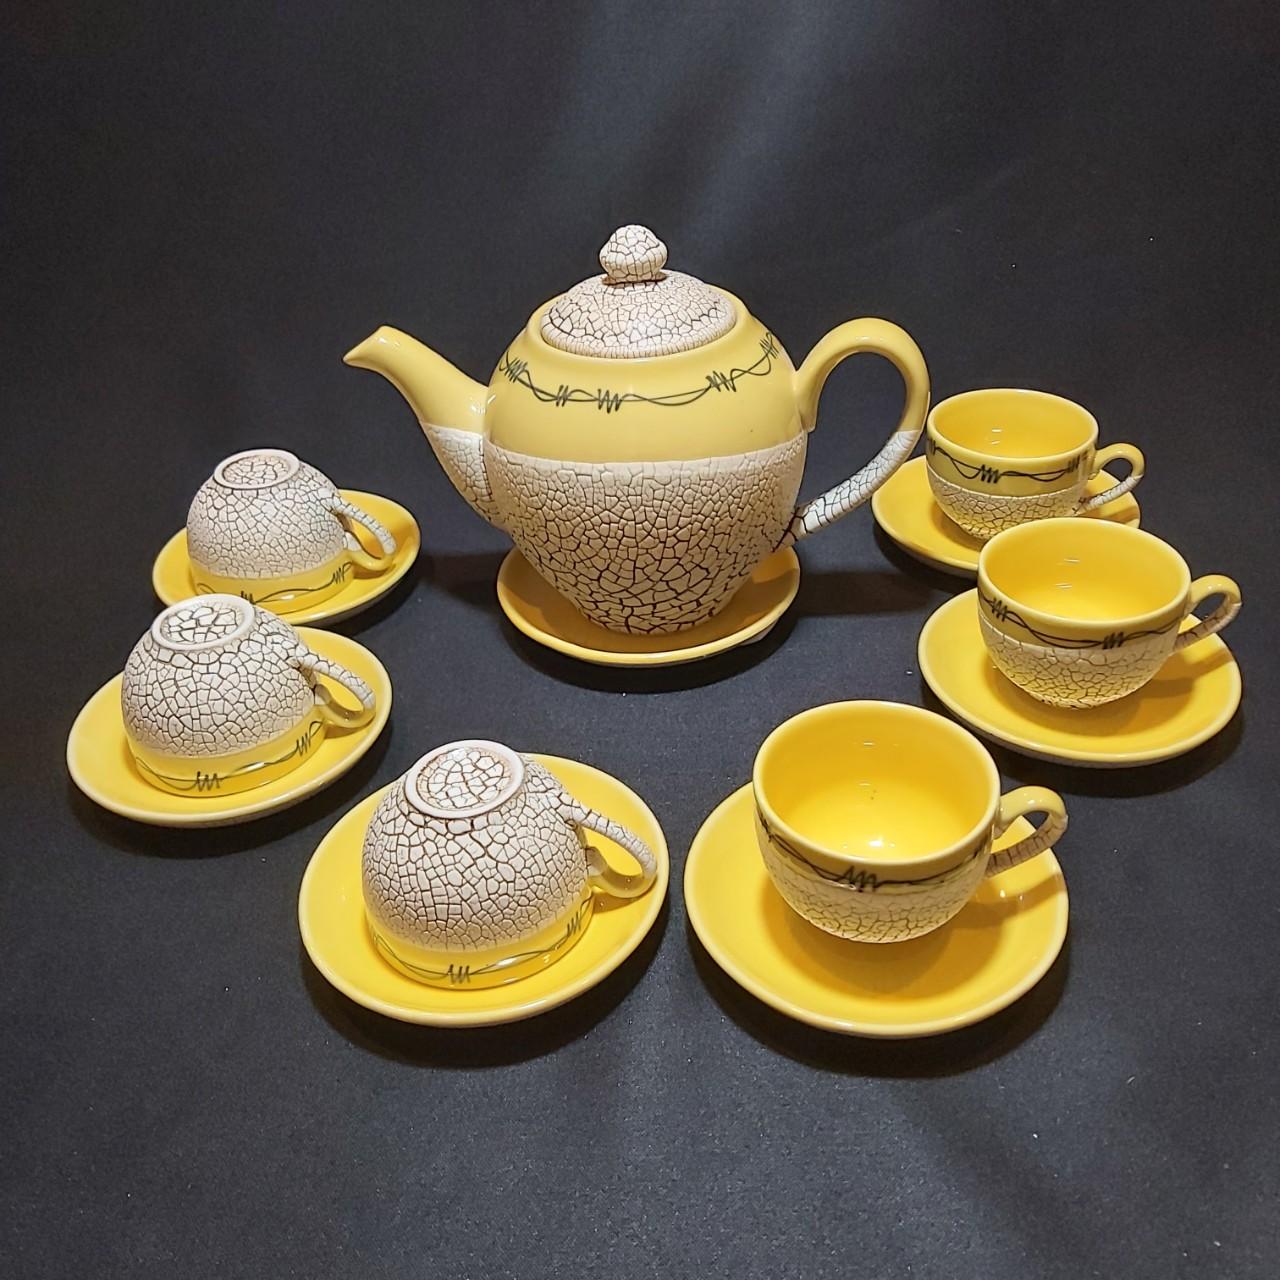 Bộ Ấm Uống trà Bát Tràng mẫu Tròn – Hoa văn nổi sần kiểu đất nẻ cực đẹp – 1 ấm, 6 ly, 7 dĩa – Màu Vàng